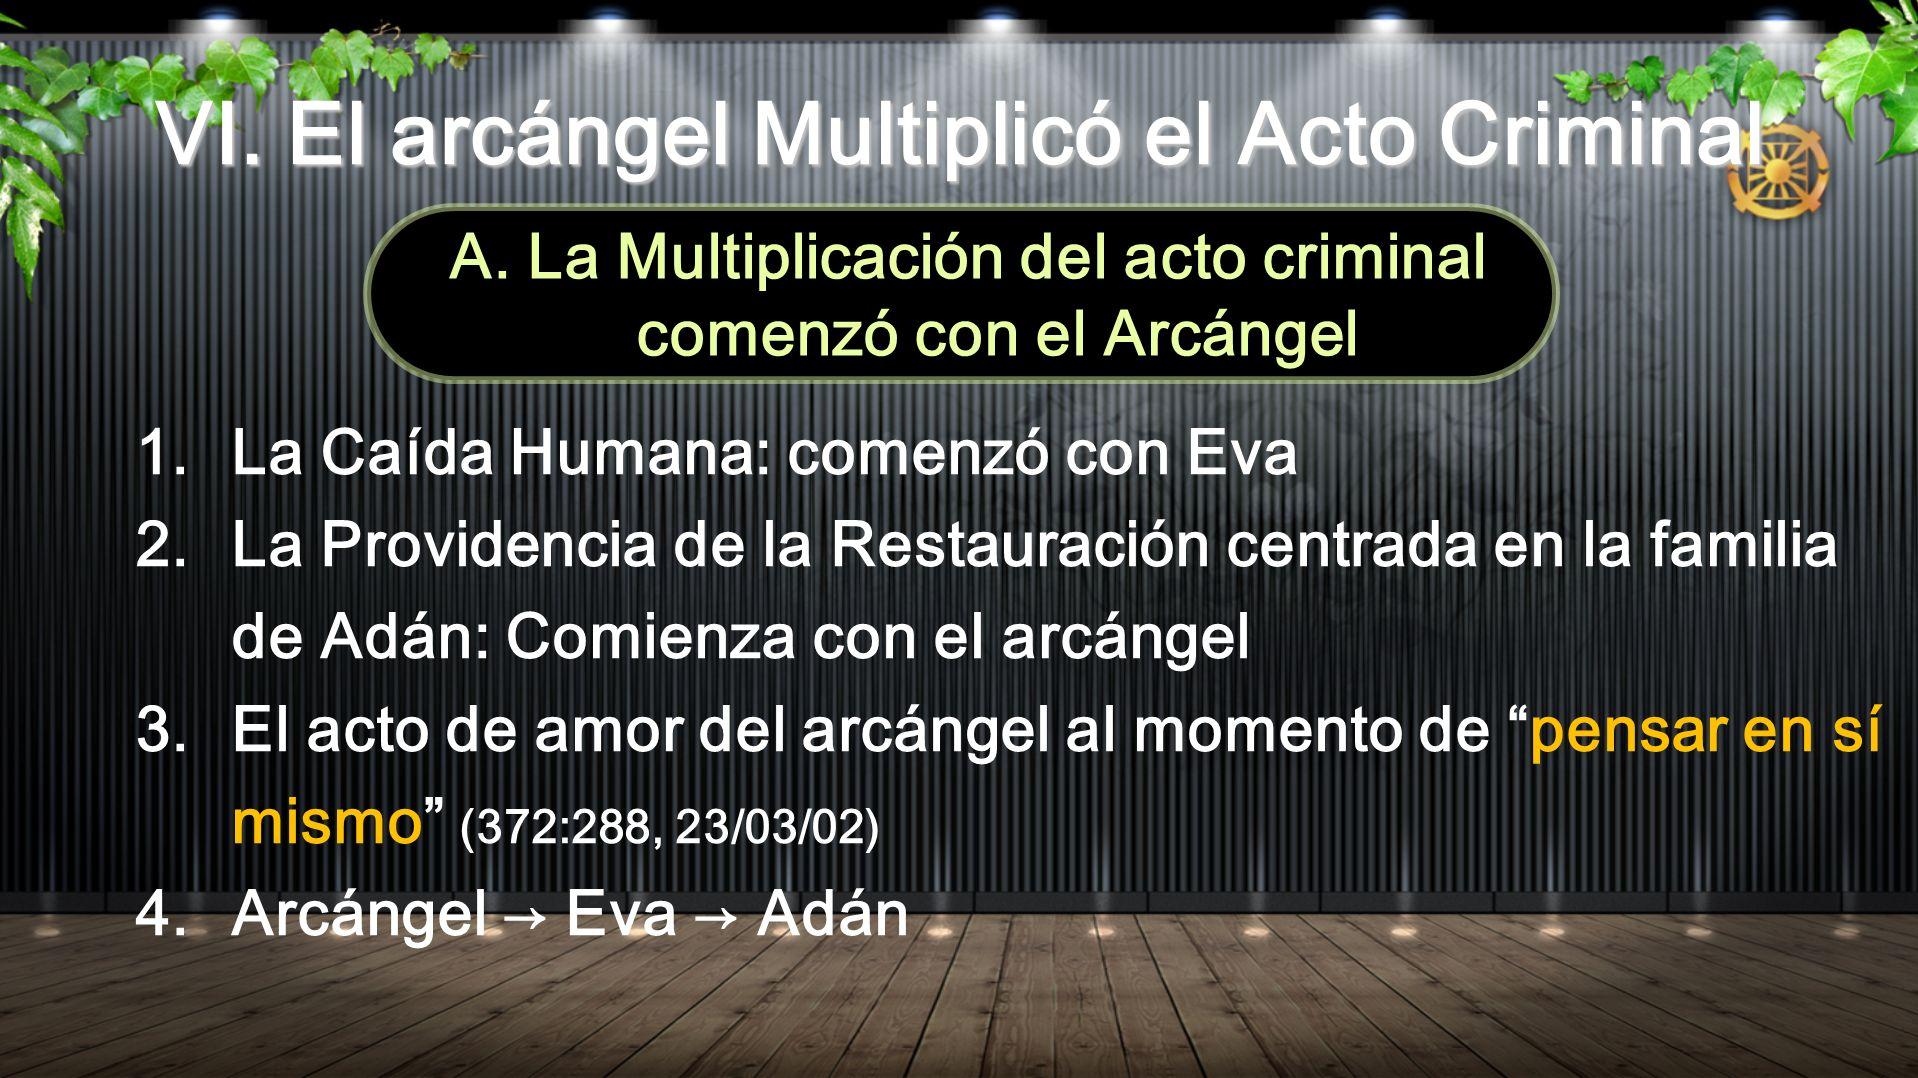 VI. El arcángel Multiplicó el Acto Criminal